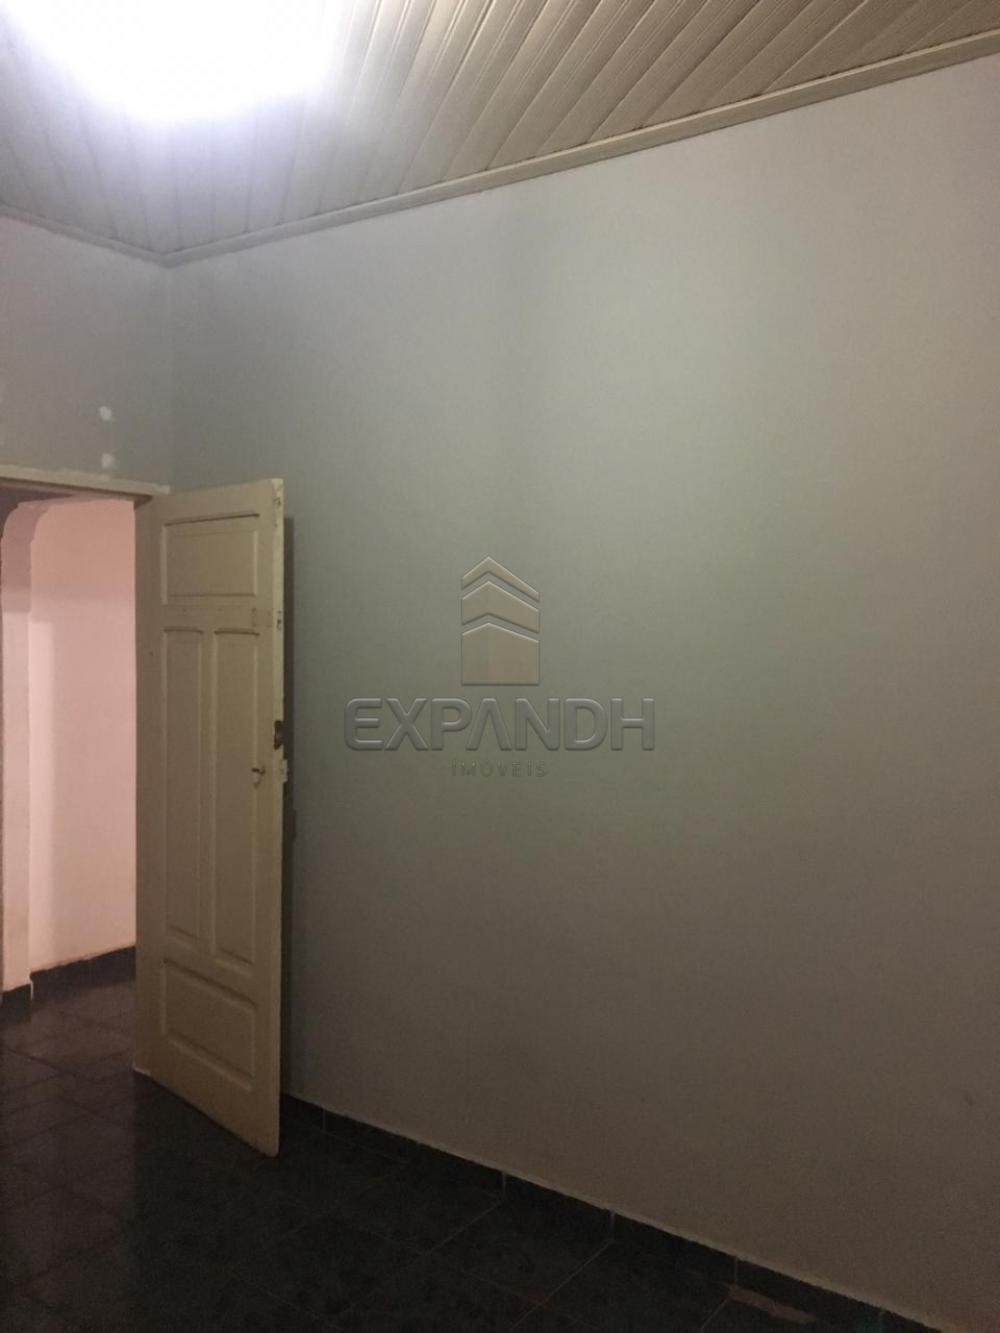 Alugar Casas / Padrão em Sertãozinho R$ 700,00 - Foto 12